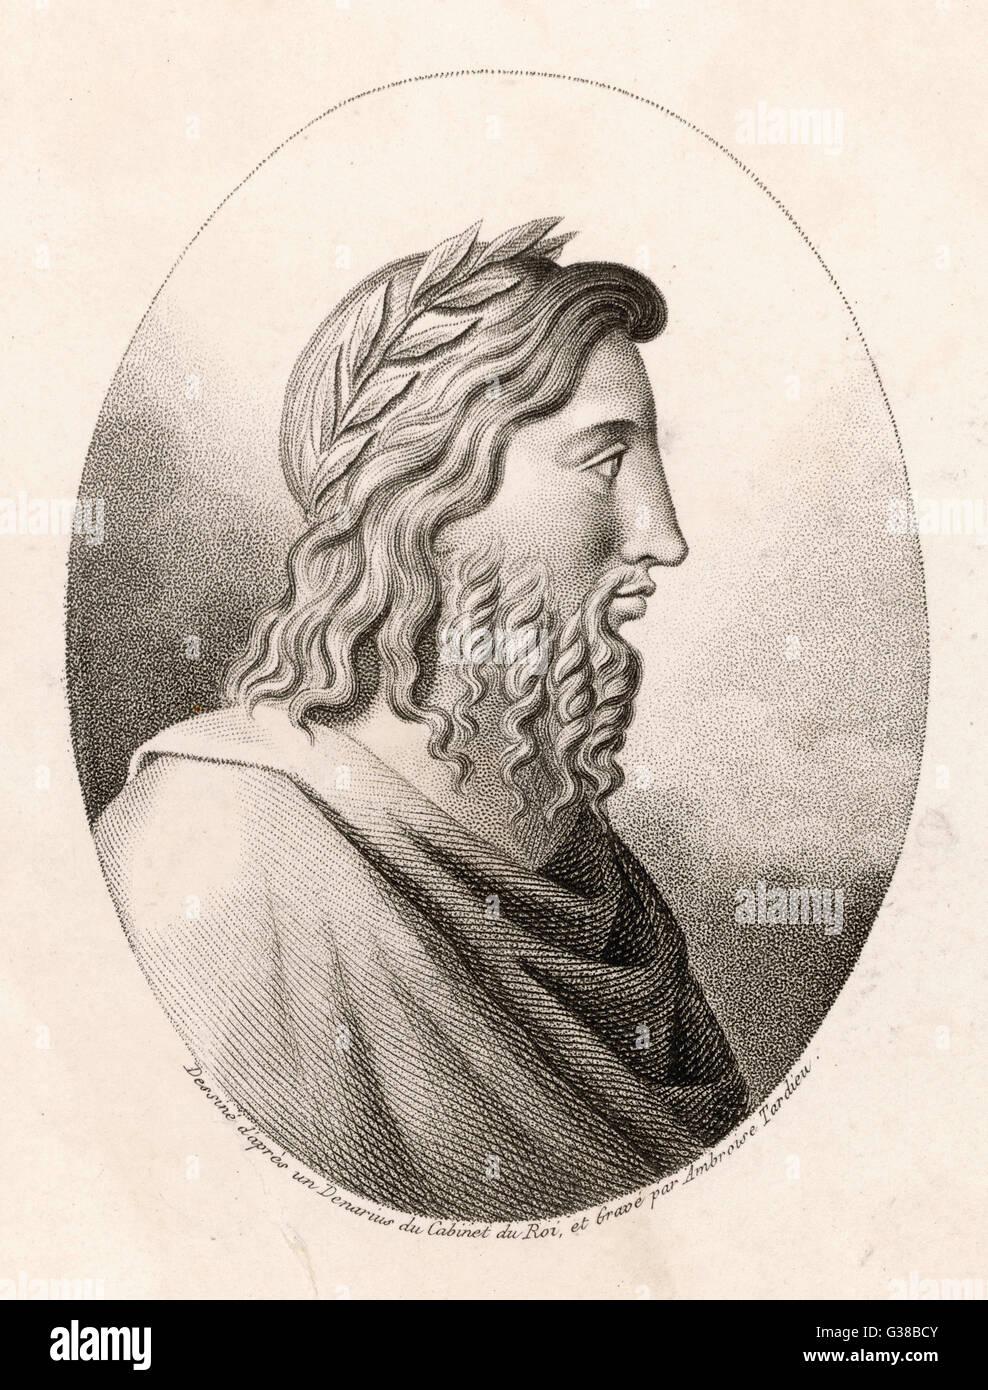 ROMULUS, der legendäre Gründer von Rom Datum: 769-717 v. Chr. Stockbild